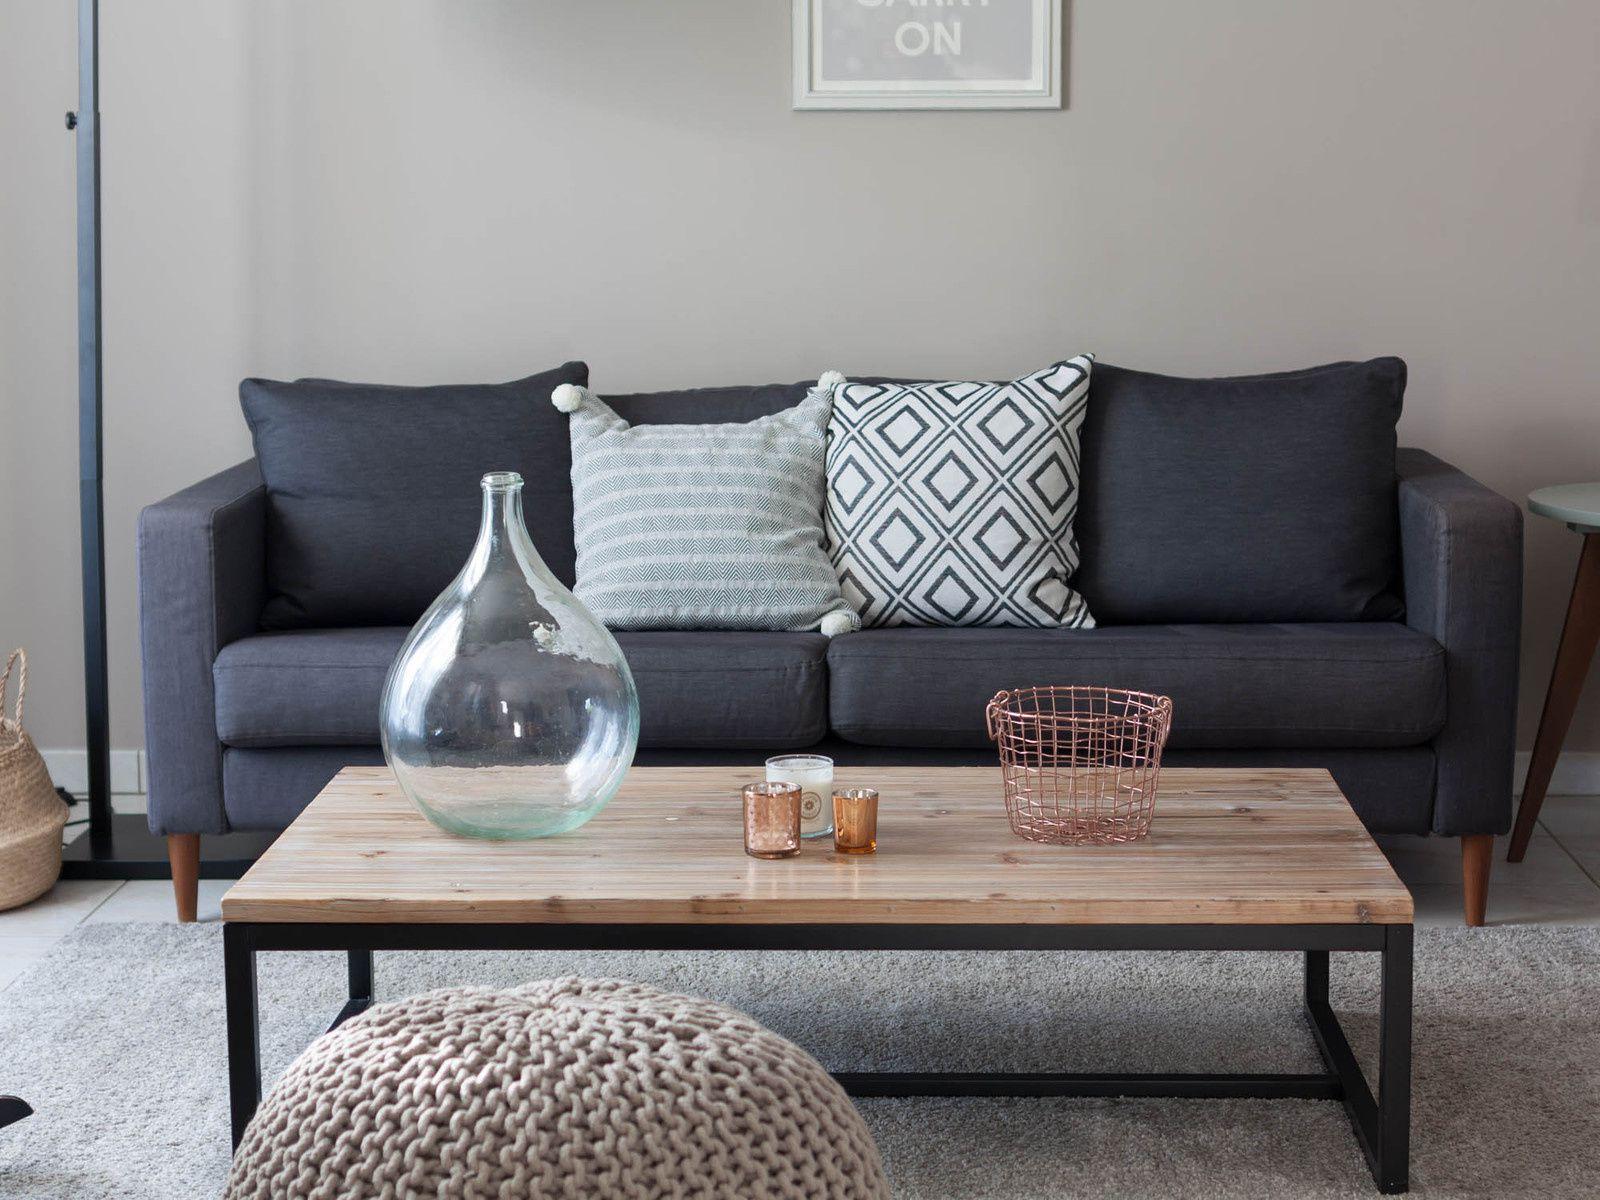 Housses de coussin, corbeille en fil métallique et photophore à motifs H&M Home, photophore cuivré Bloomingville